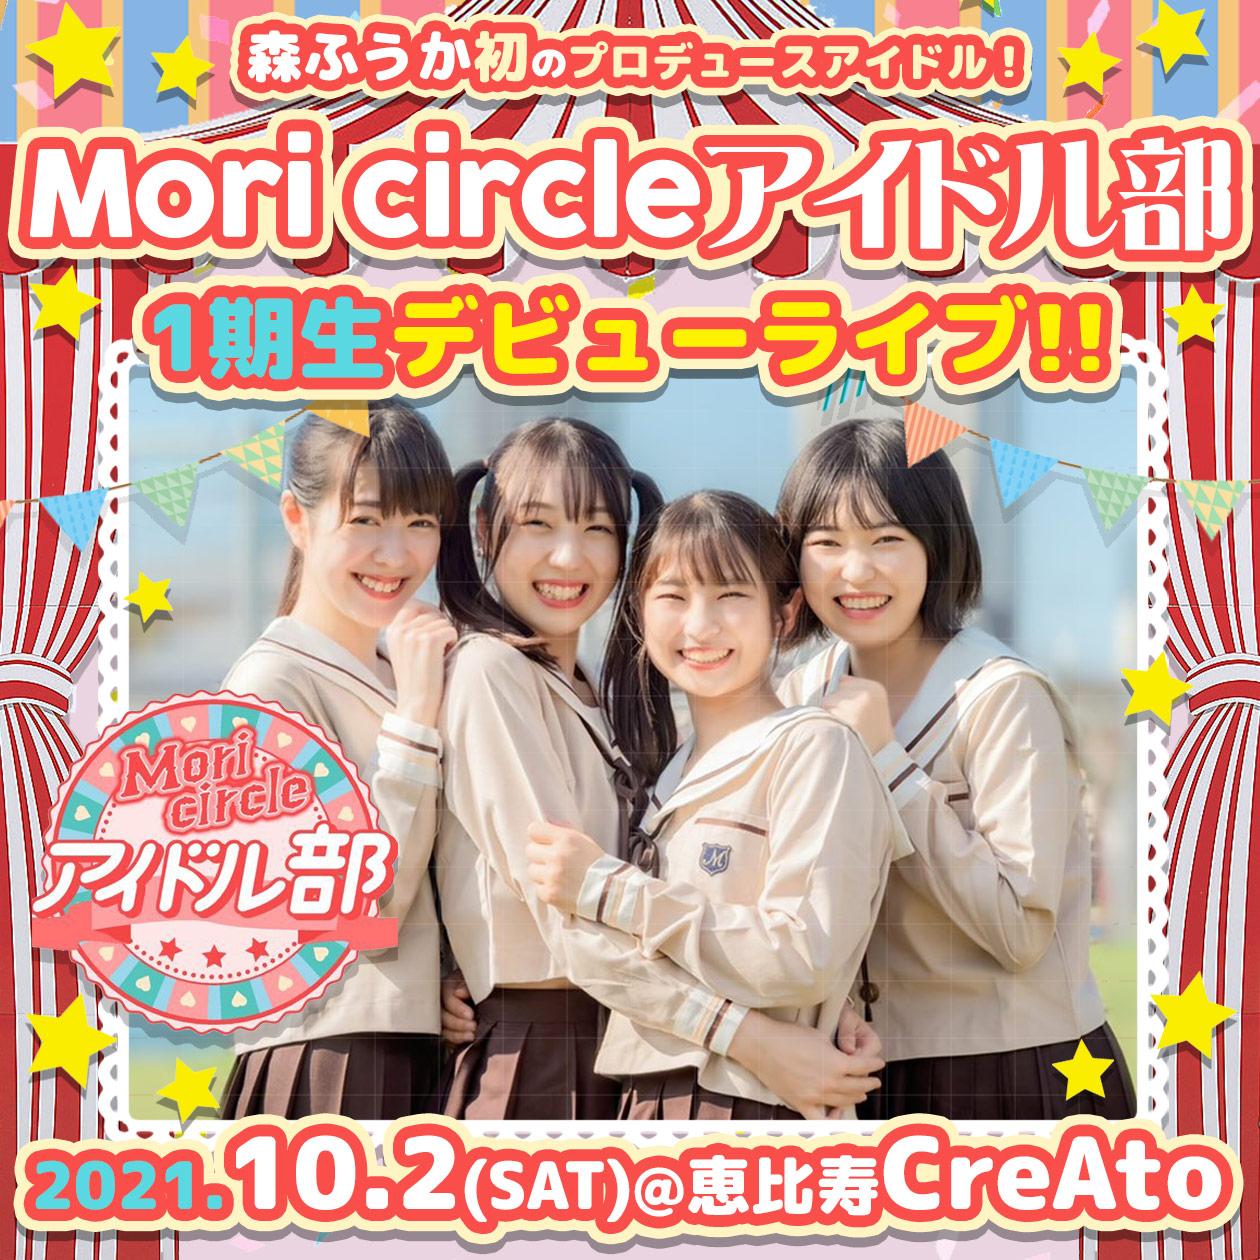 2部:Mori circleアイドル部1期生デビューライブ